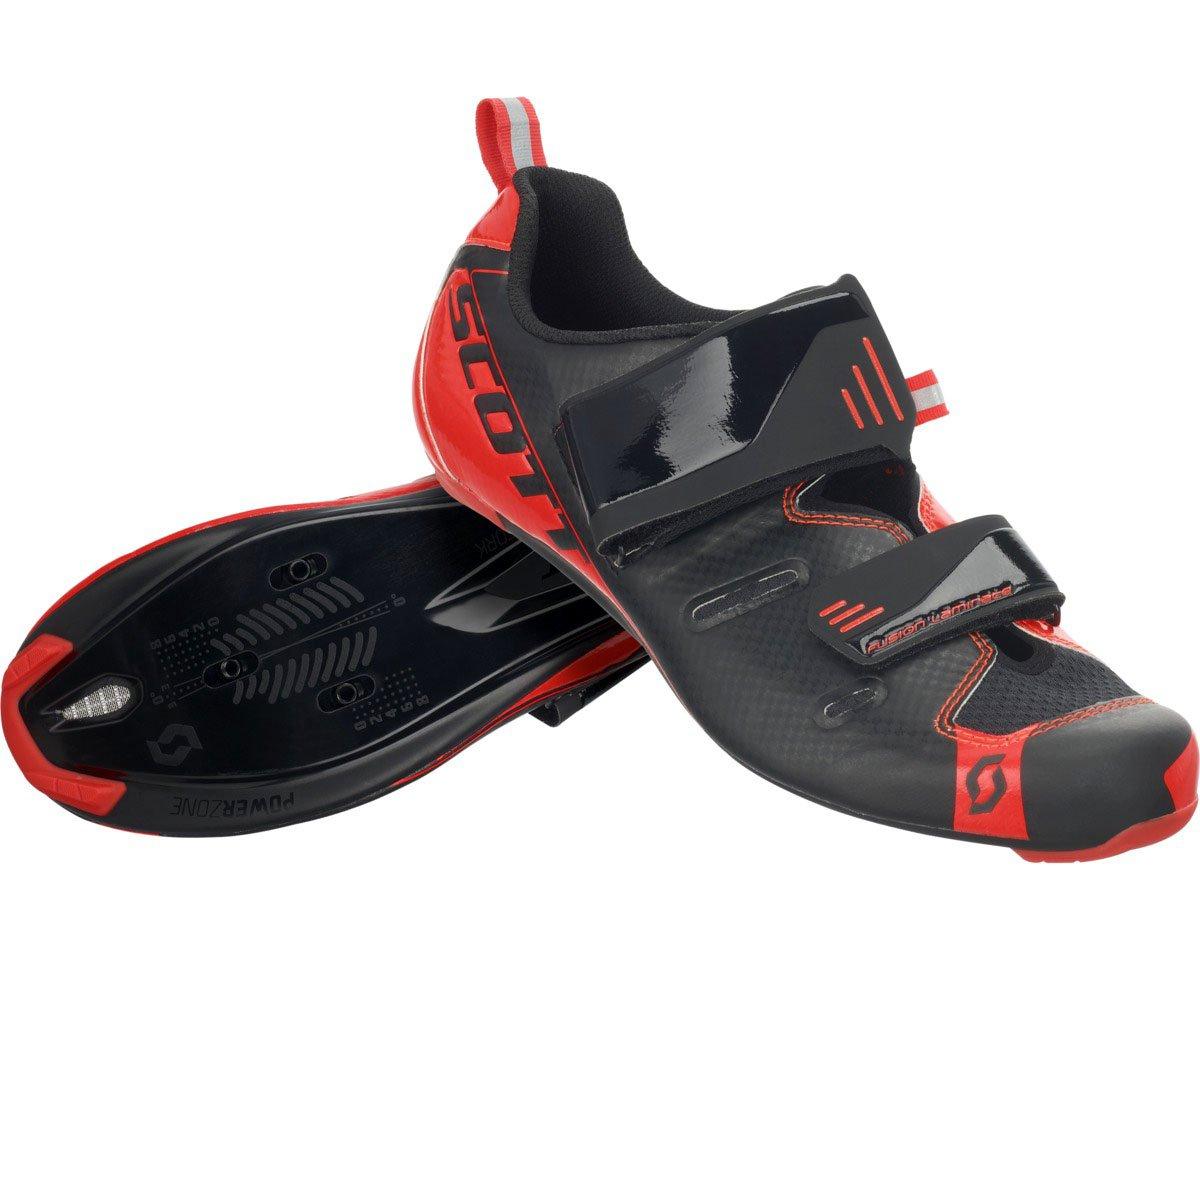 スコット2017メンズRoad Tri Pro Bike Shoes – 251821 B01LY8EYNL 44 EU Black/Neon Red Gloss